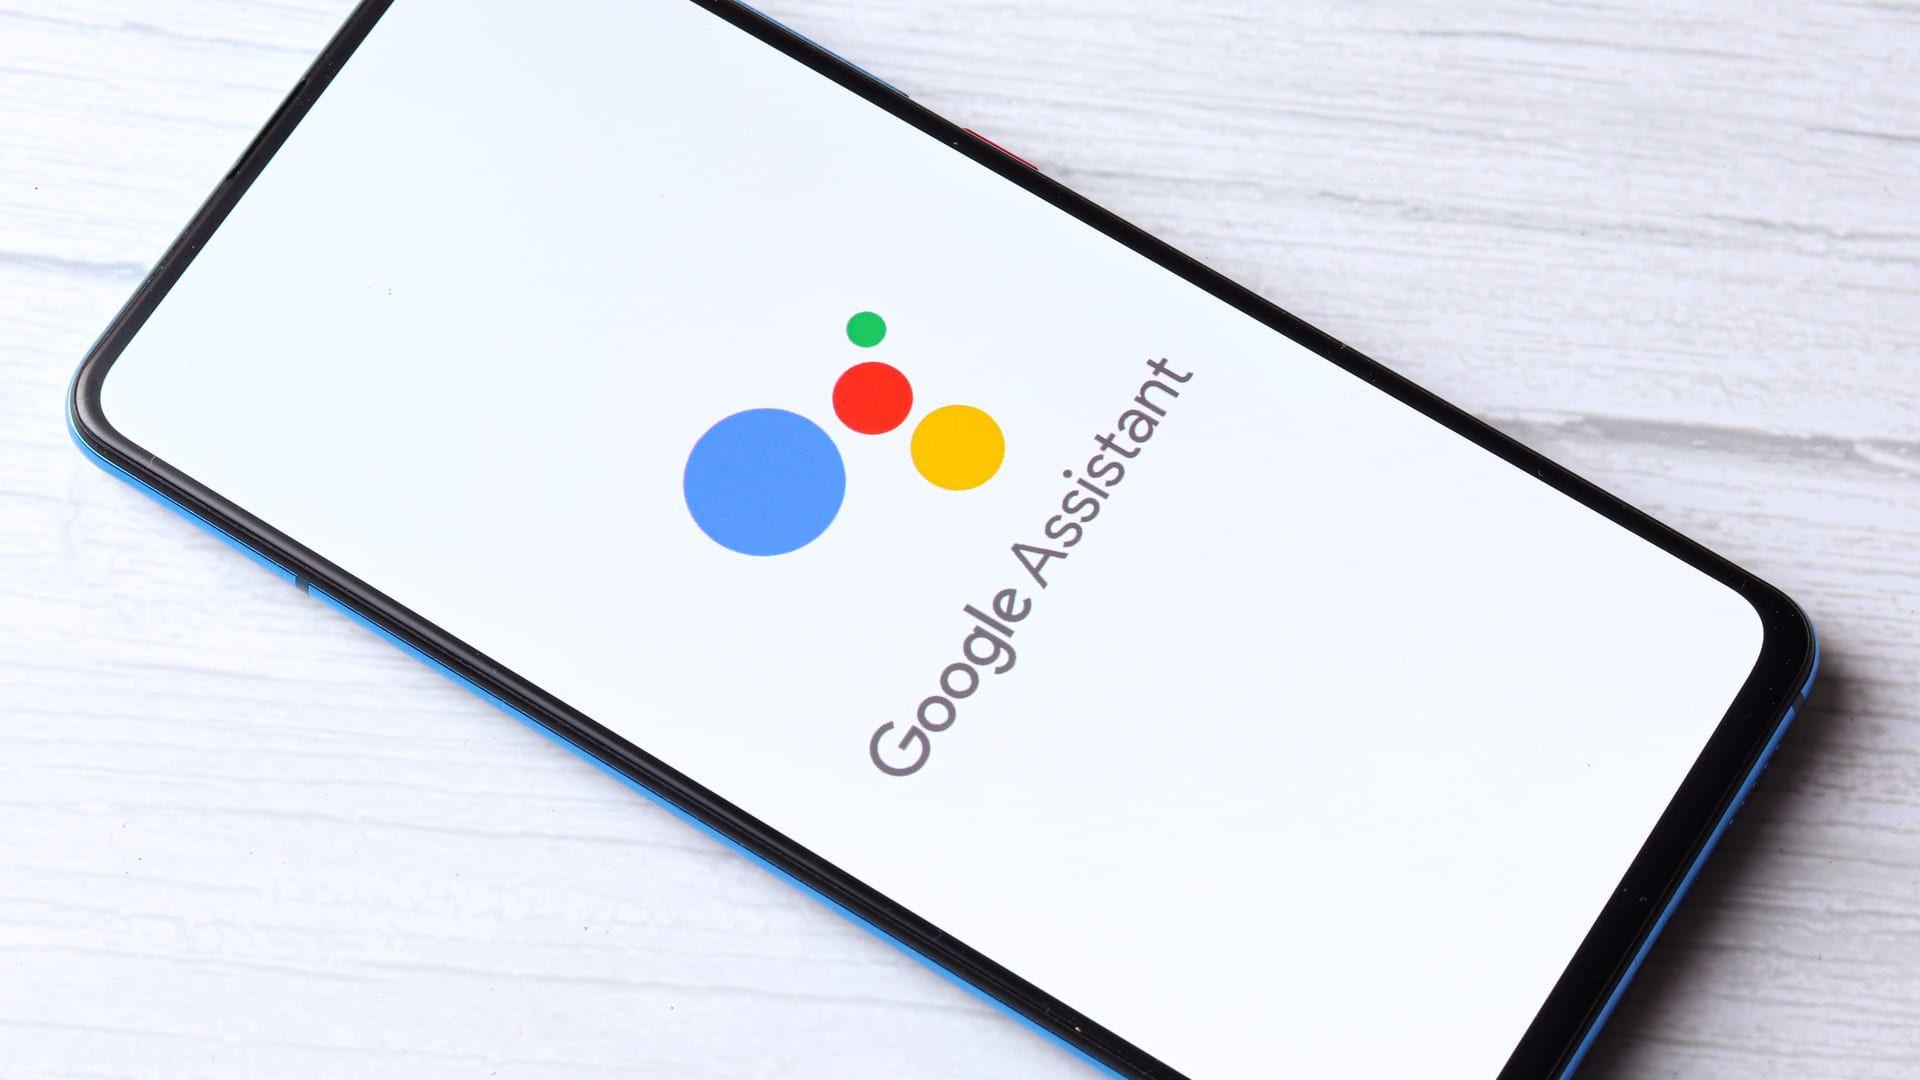 """Ativar """"Ok Google"""": é possível interagir com o assistente por comandos de voz (Foto: Shutterstock)"""